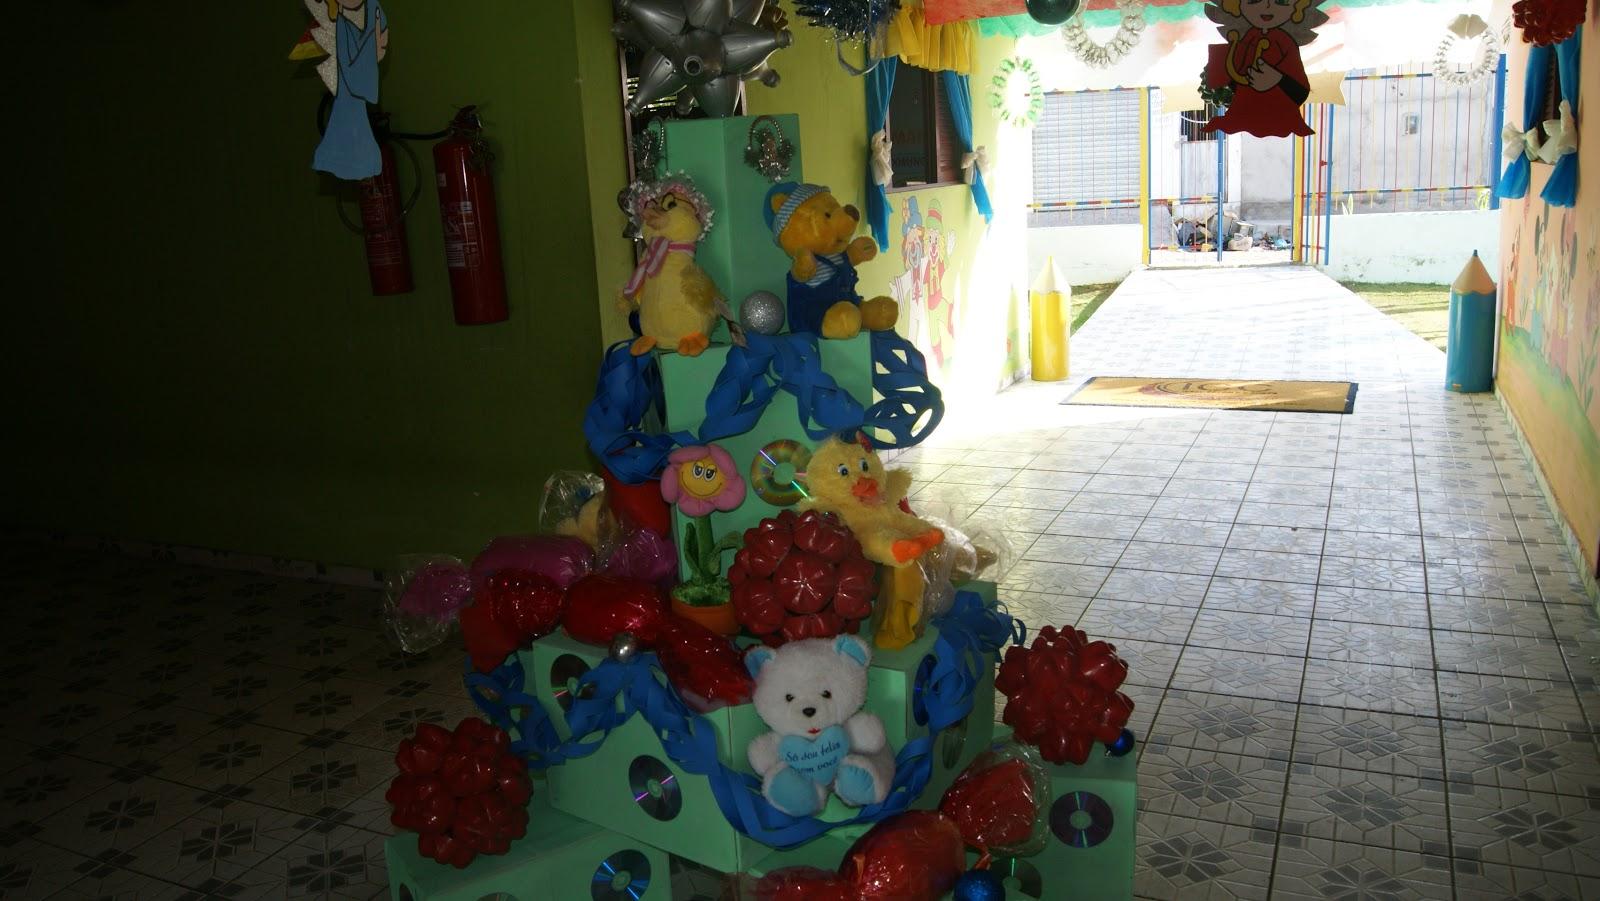 Ideal Colégio e Curso Decoração Natalina Educação Infantil -> Decoracao Banheiro Educacao Infantil